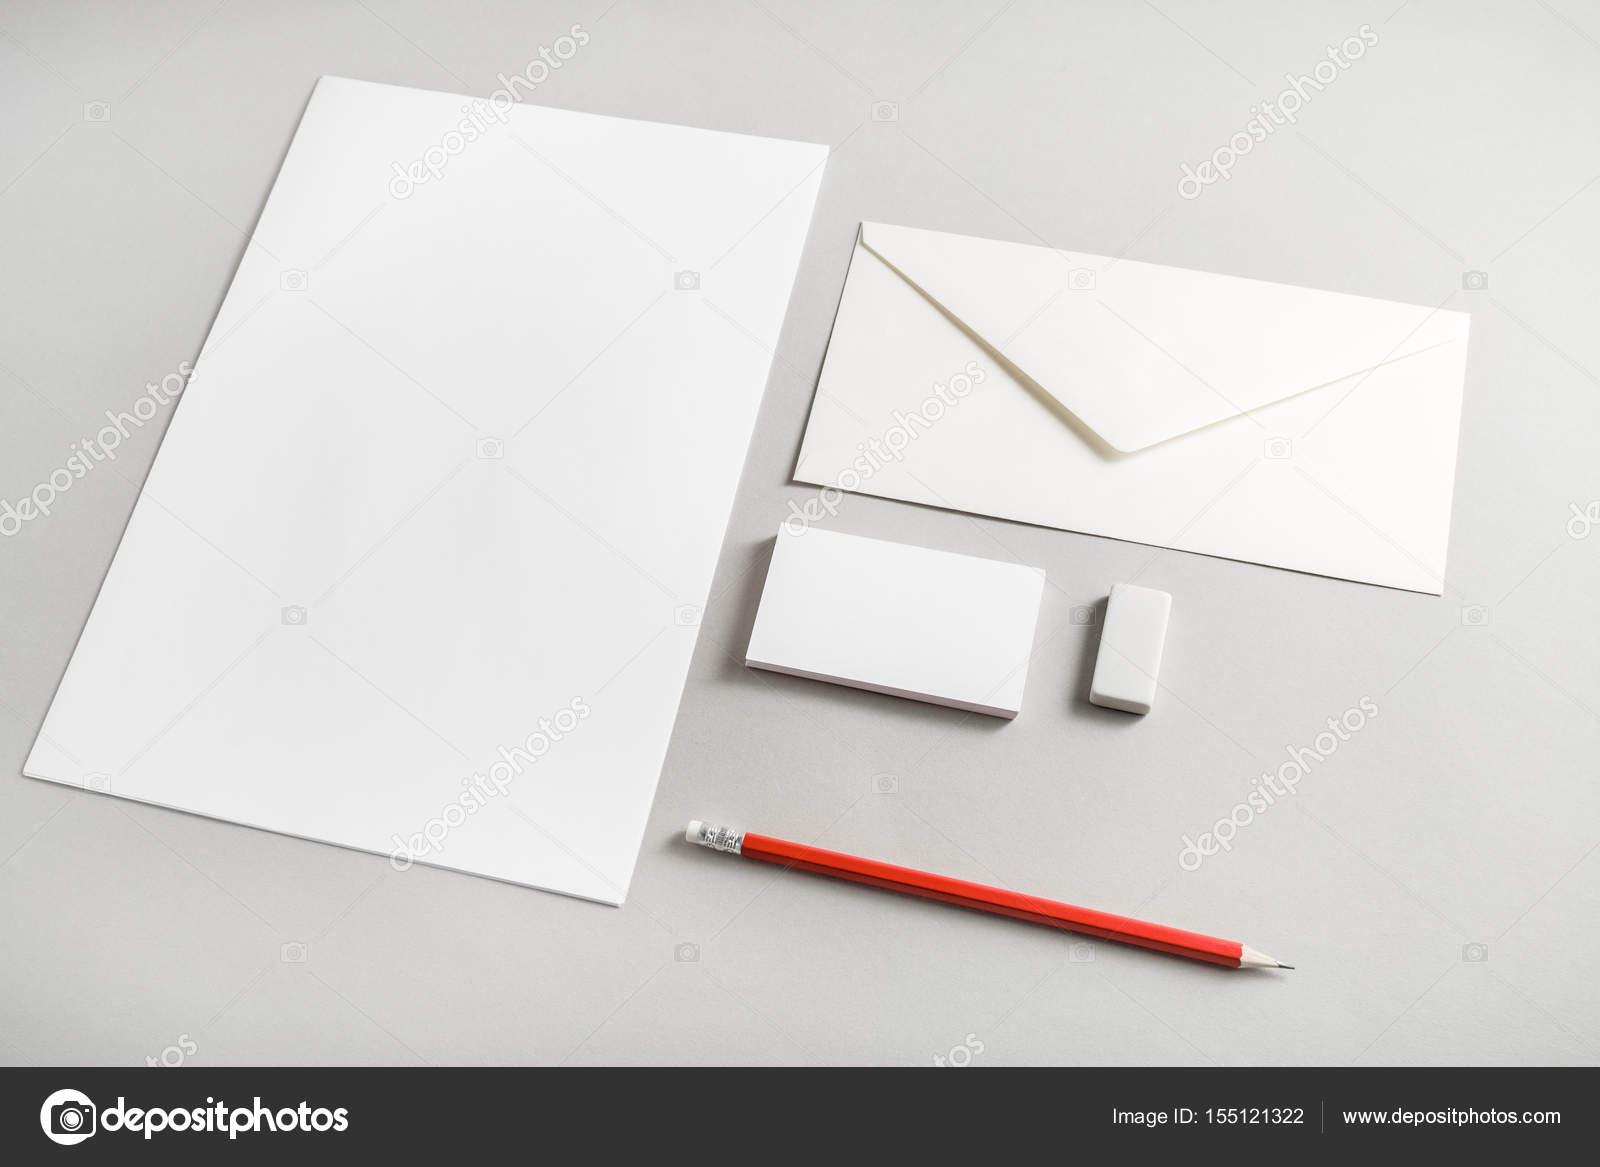 set de papelería en blanco — Foto de stock © Veresovich #155121322